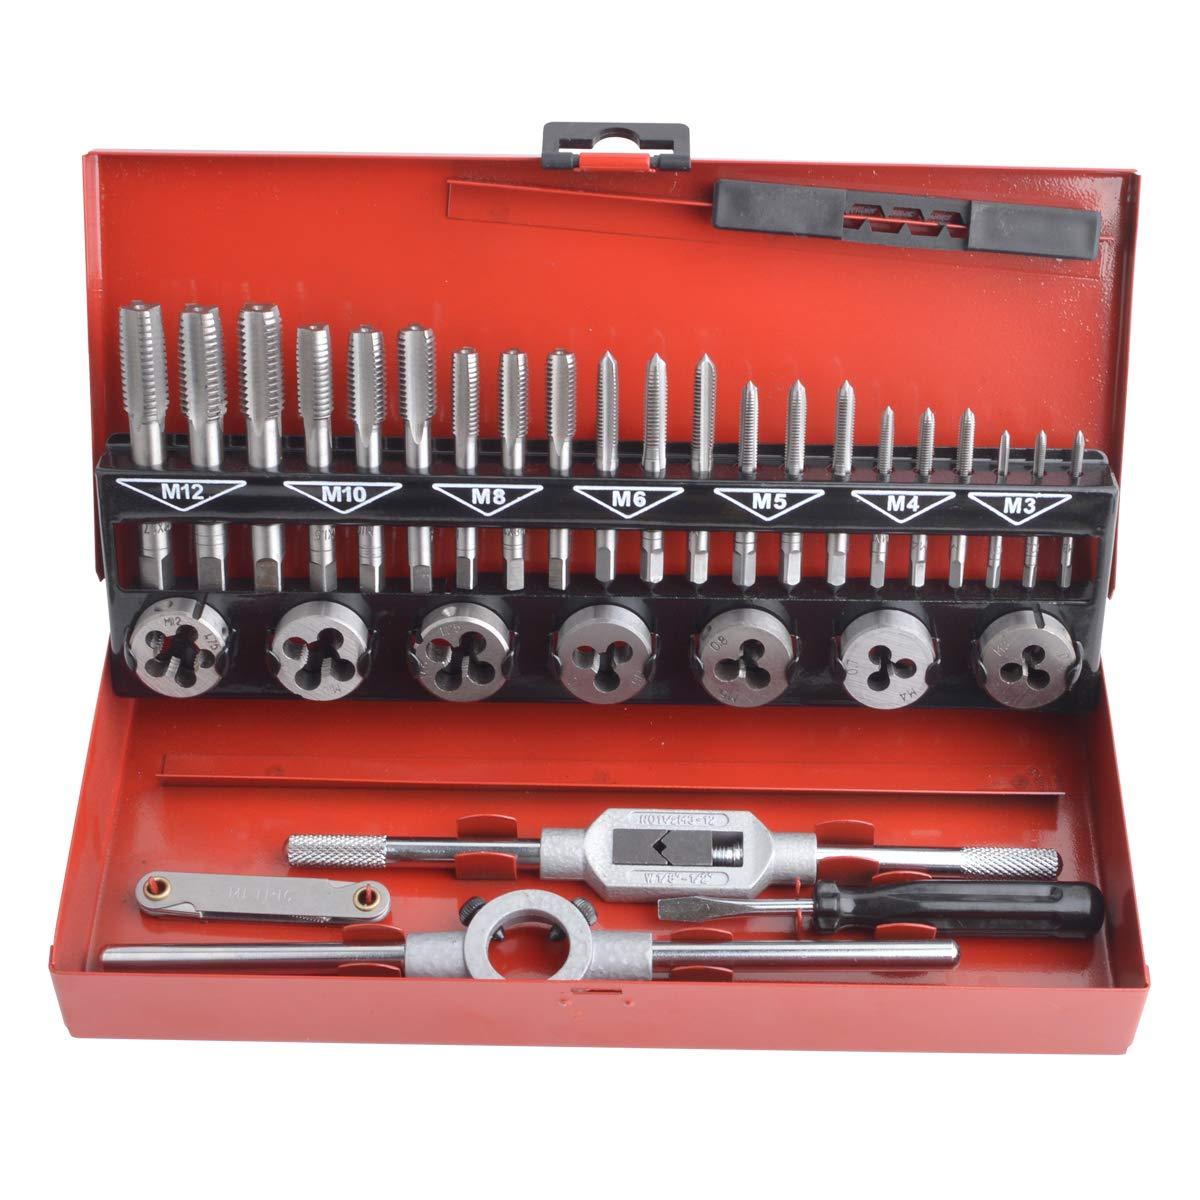 Gunpla Juego de Terrajas y Machos Mé trica M3-M12 Herramientas para Roscar Material Acero de Tungsteno, 32 Piezas